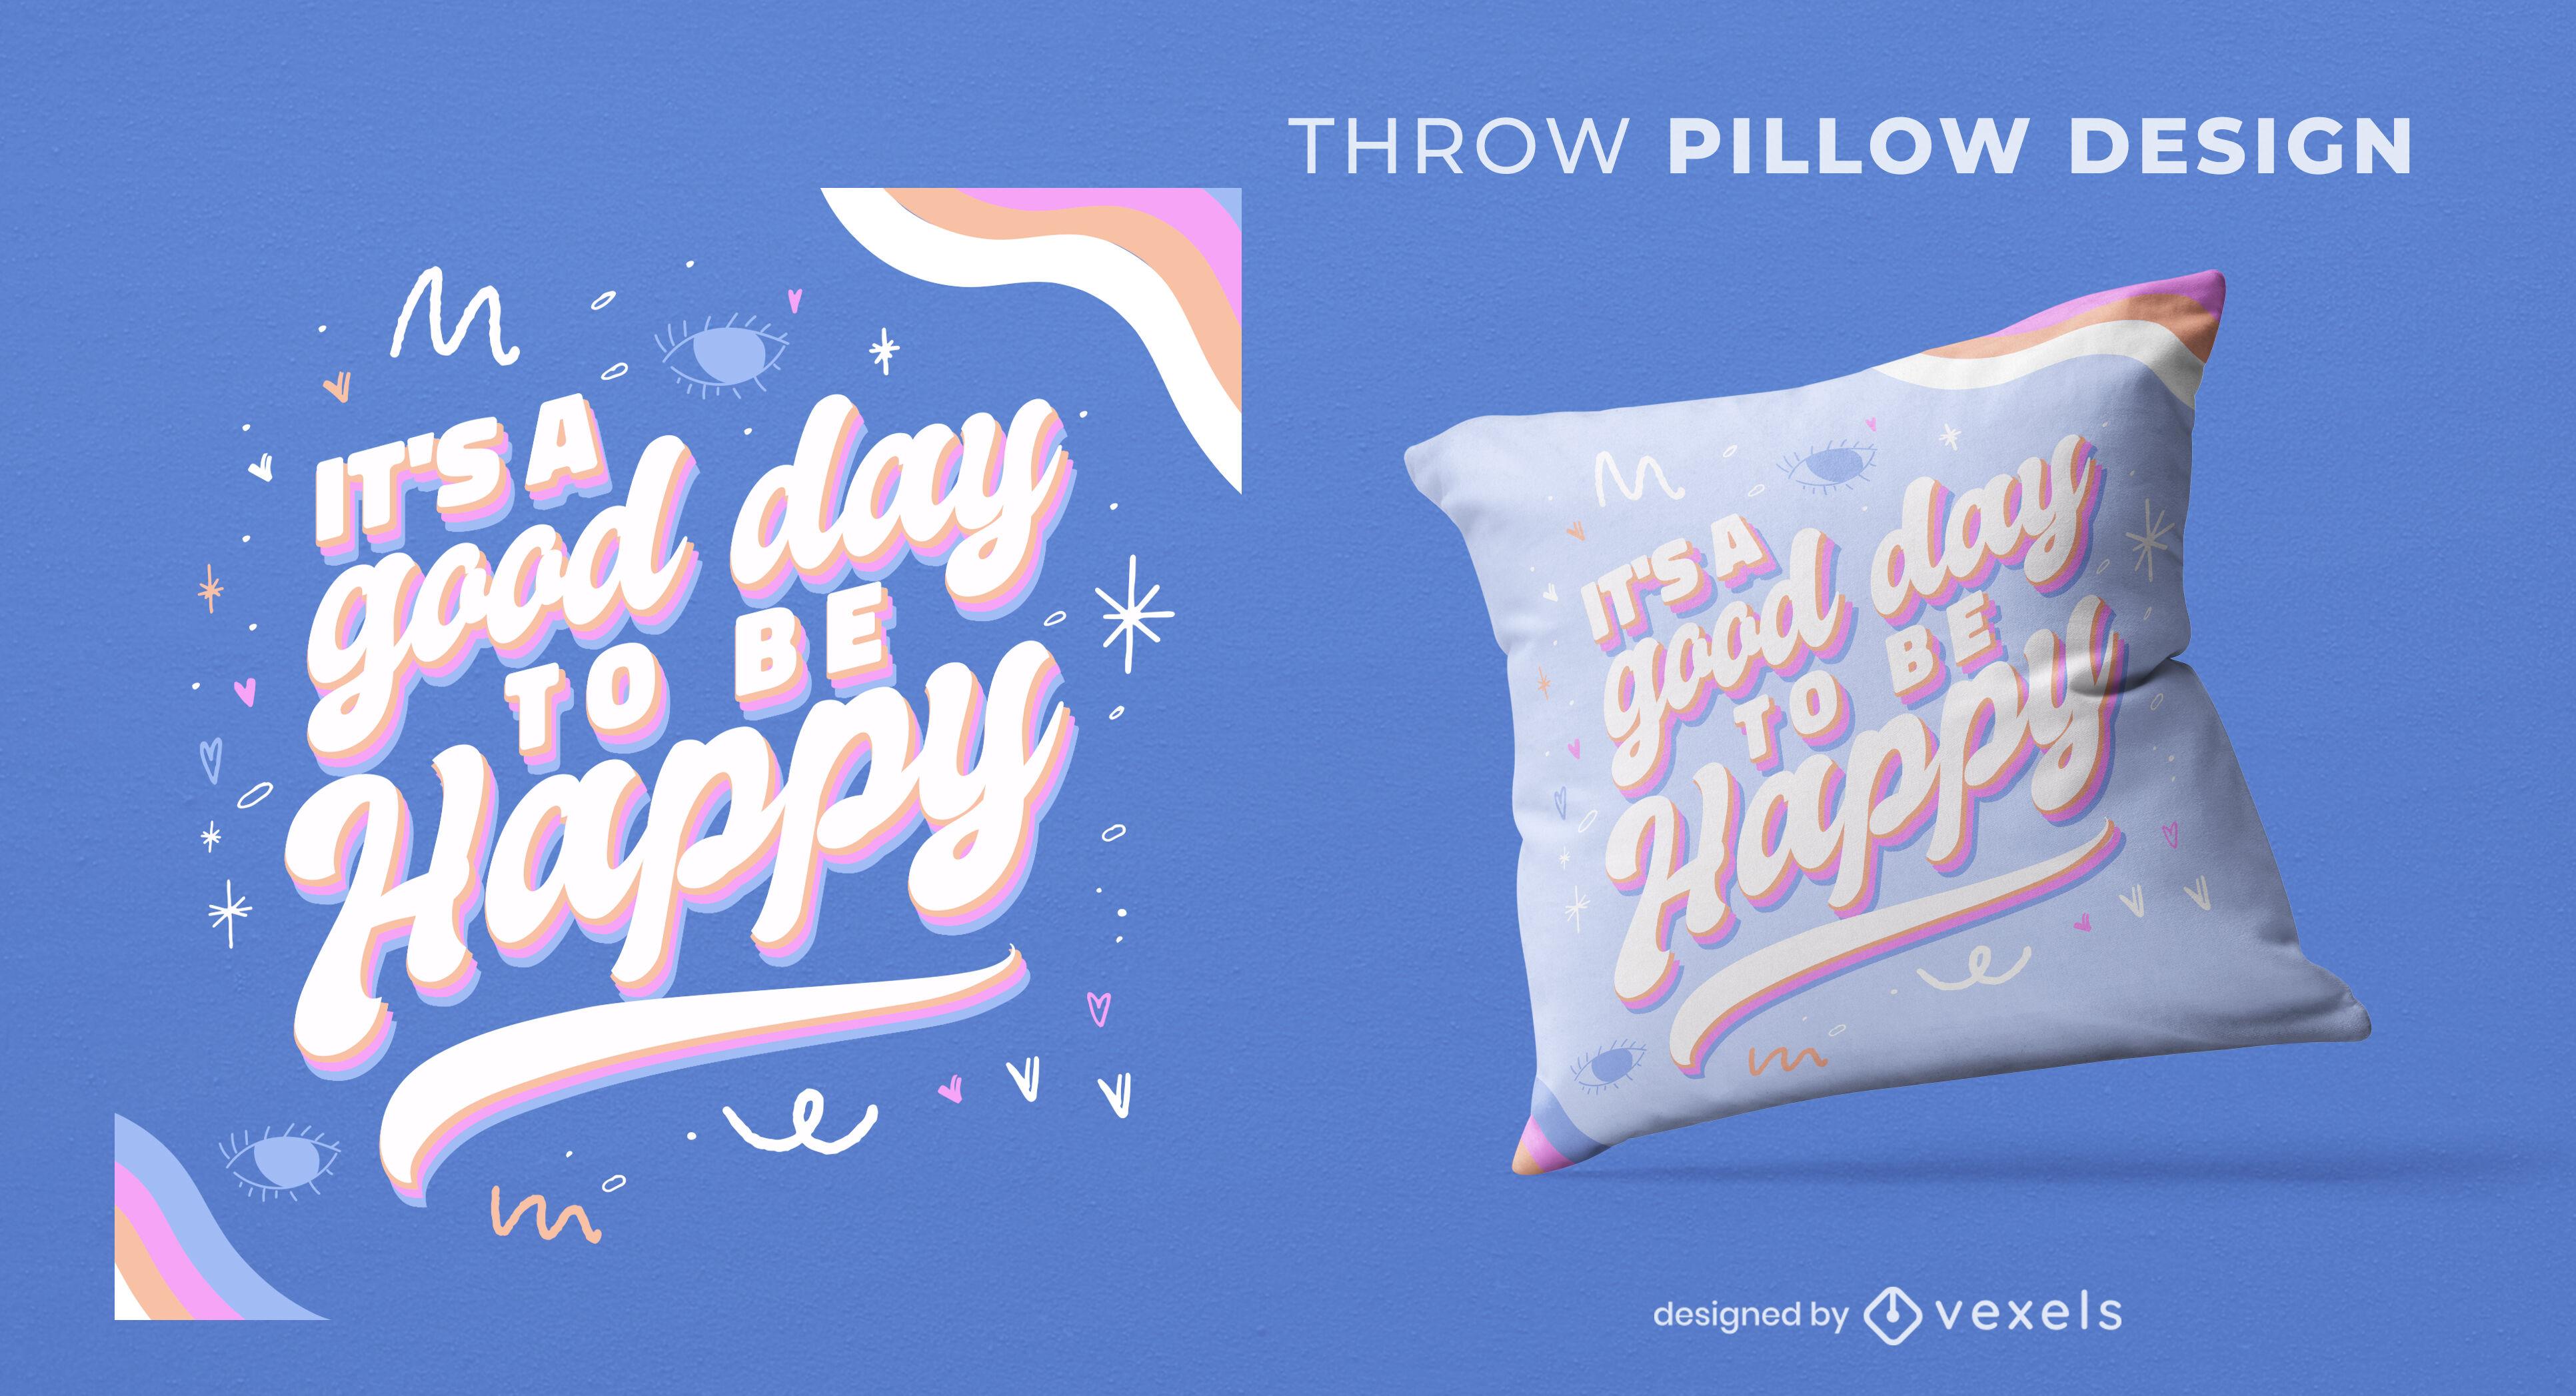 Diseño de almohada de tiro de cita feliz día